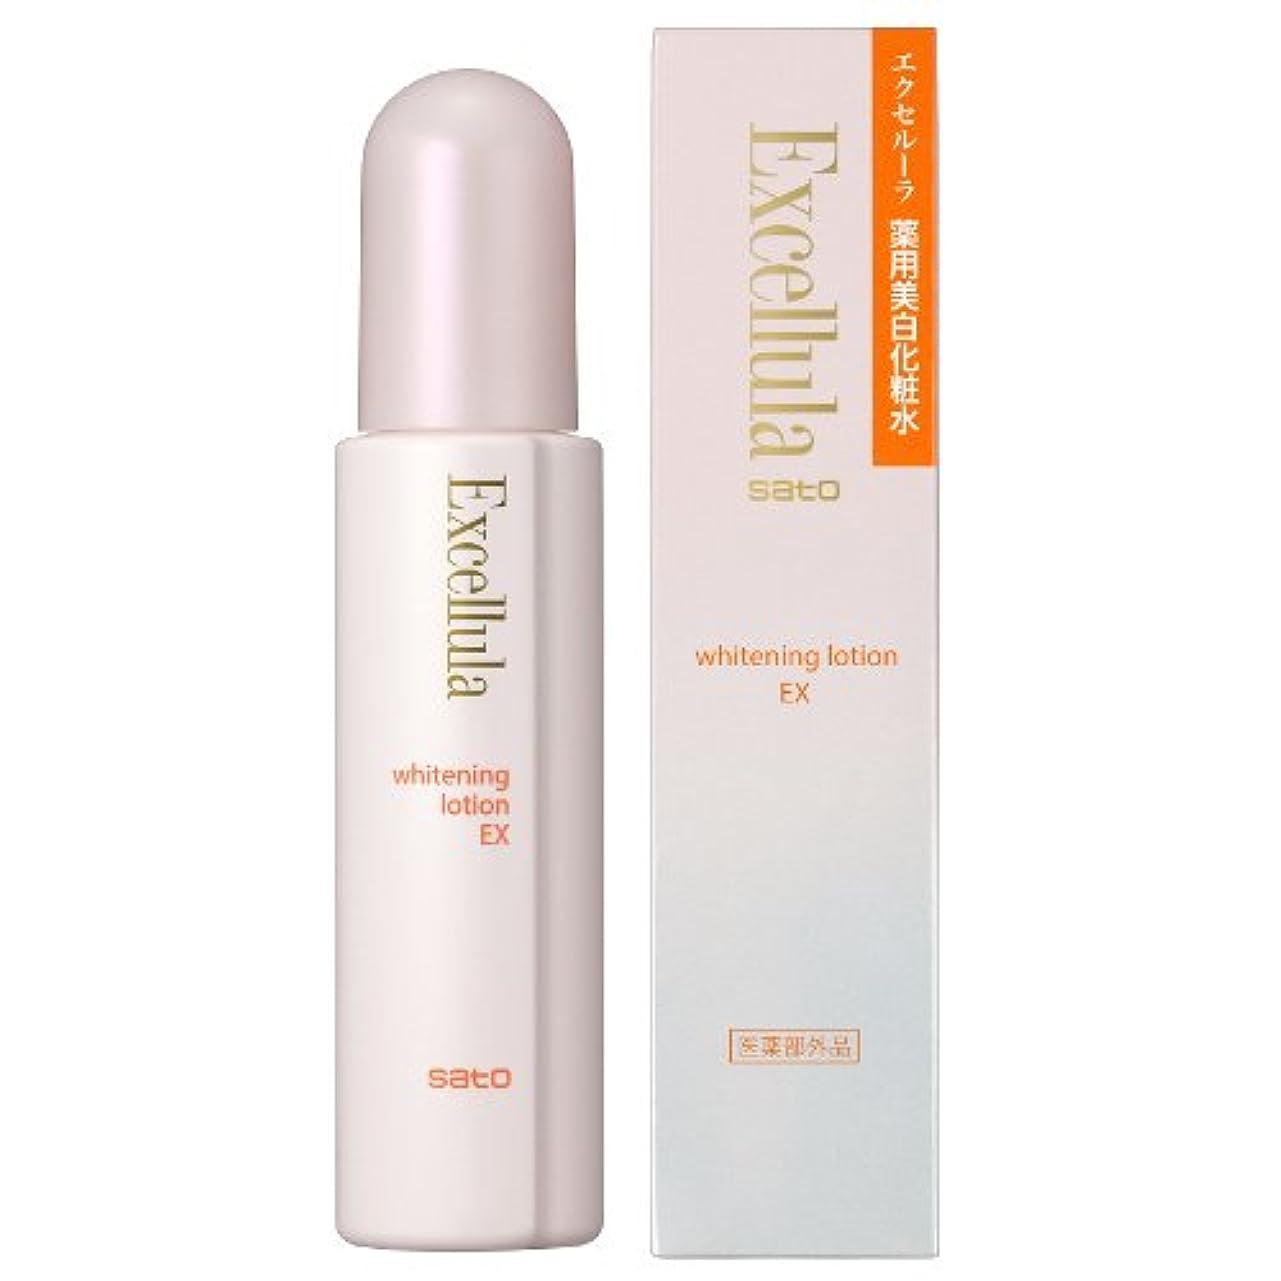 きょうだい香水幸運なNEWエクセルーラ ホワイトニングローションEX (薬用美白化粧水)Excellula 150mL (4987316092577)